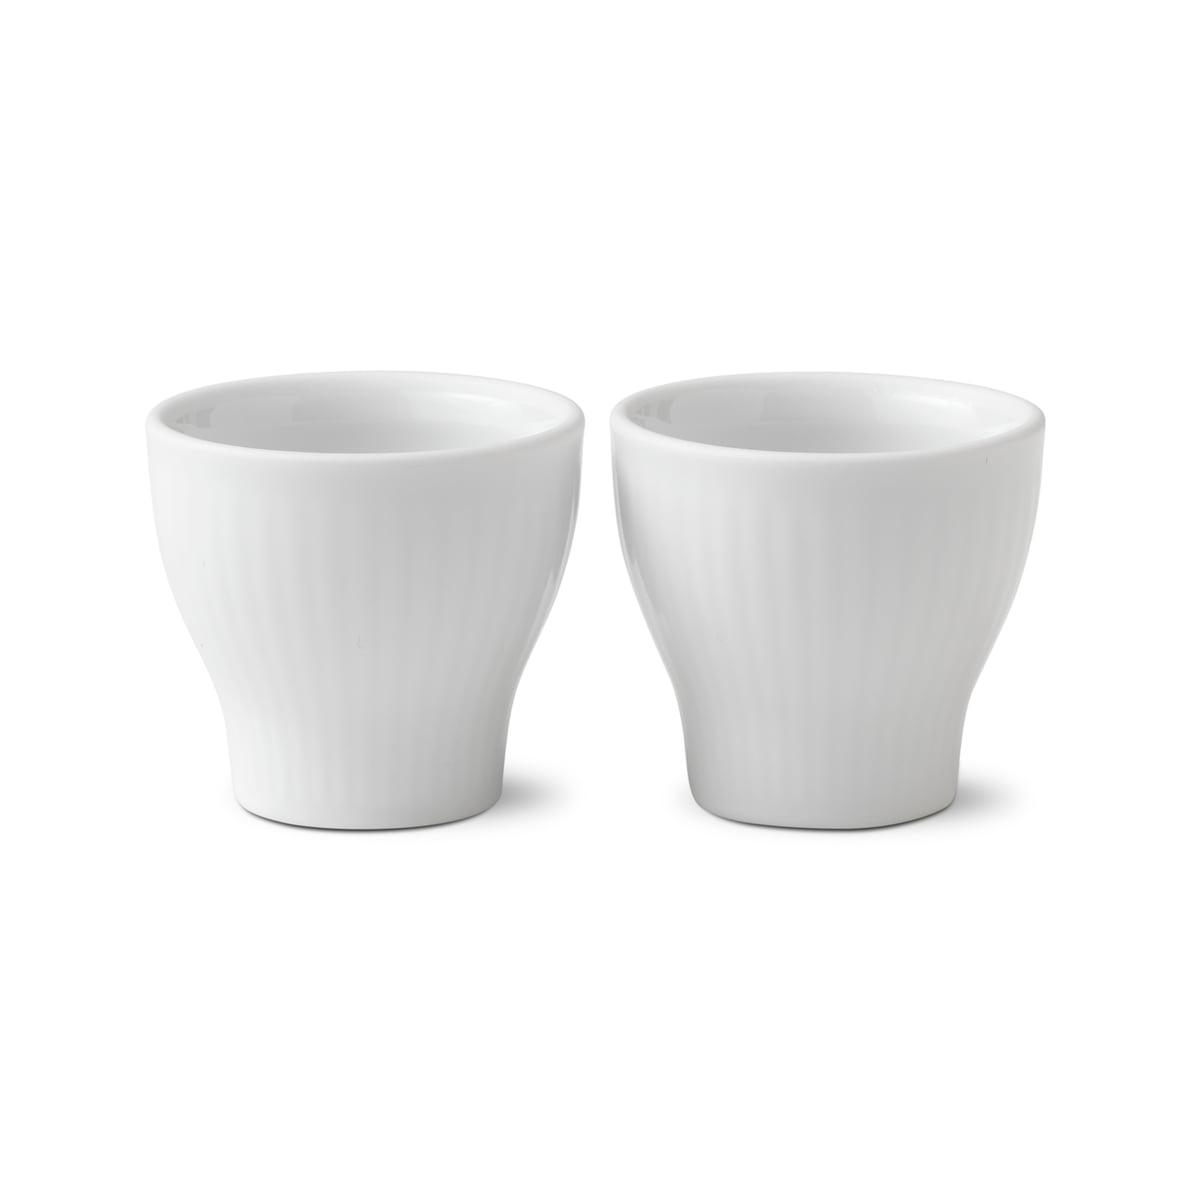 Royal Copenhagen - Weiß Gerippt Eierbecher (2er-Set) | Küche und Esszimmer > Besteck und Geschirr > Geschirr | Weiß | Porzellan | Royal Copenhagen